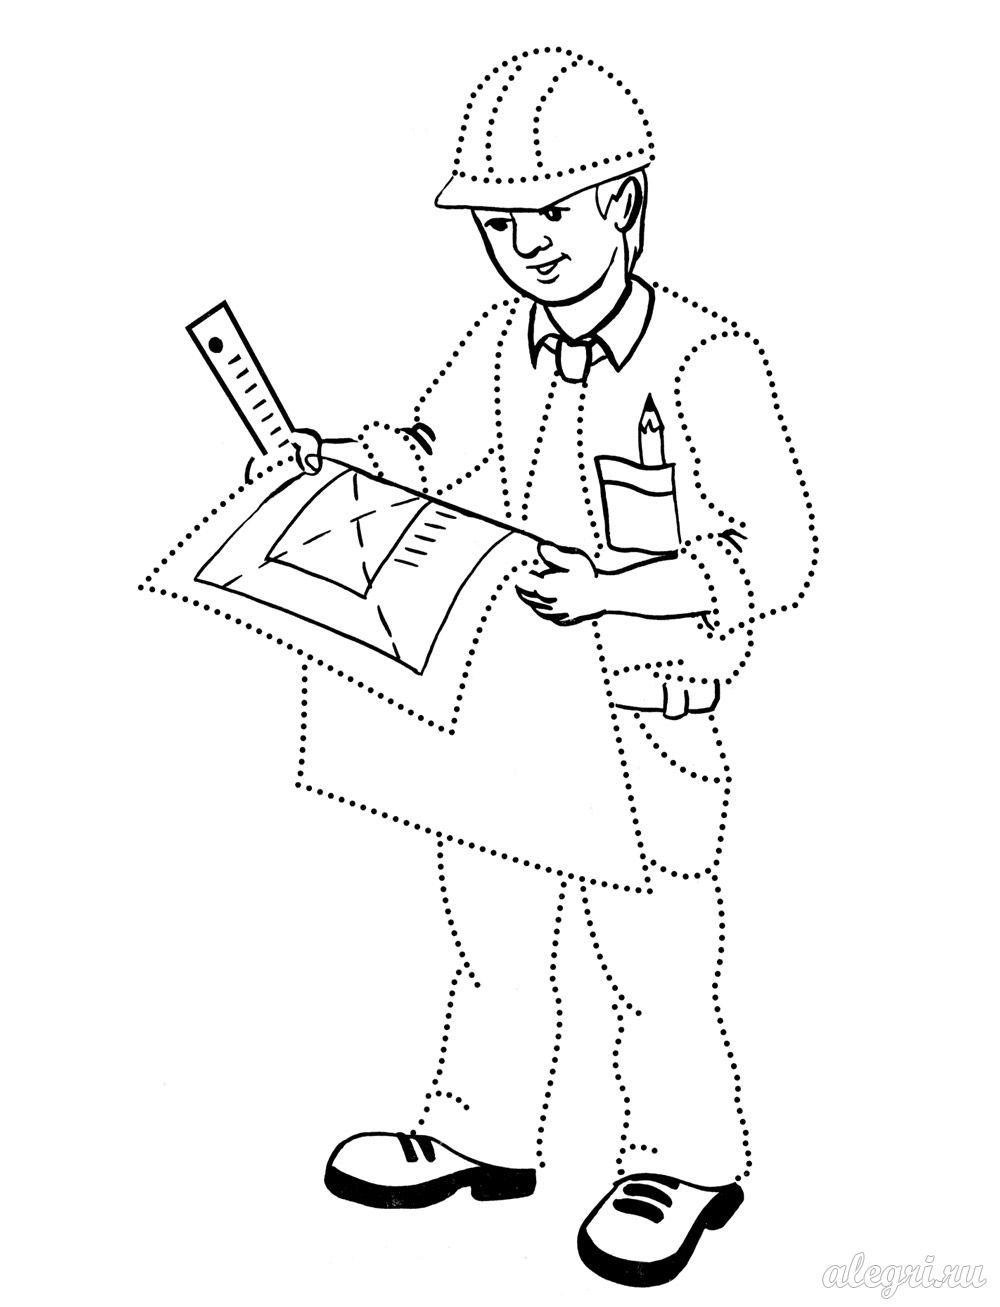 Раскраска для детей инженер-конструктор